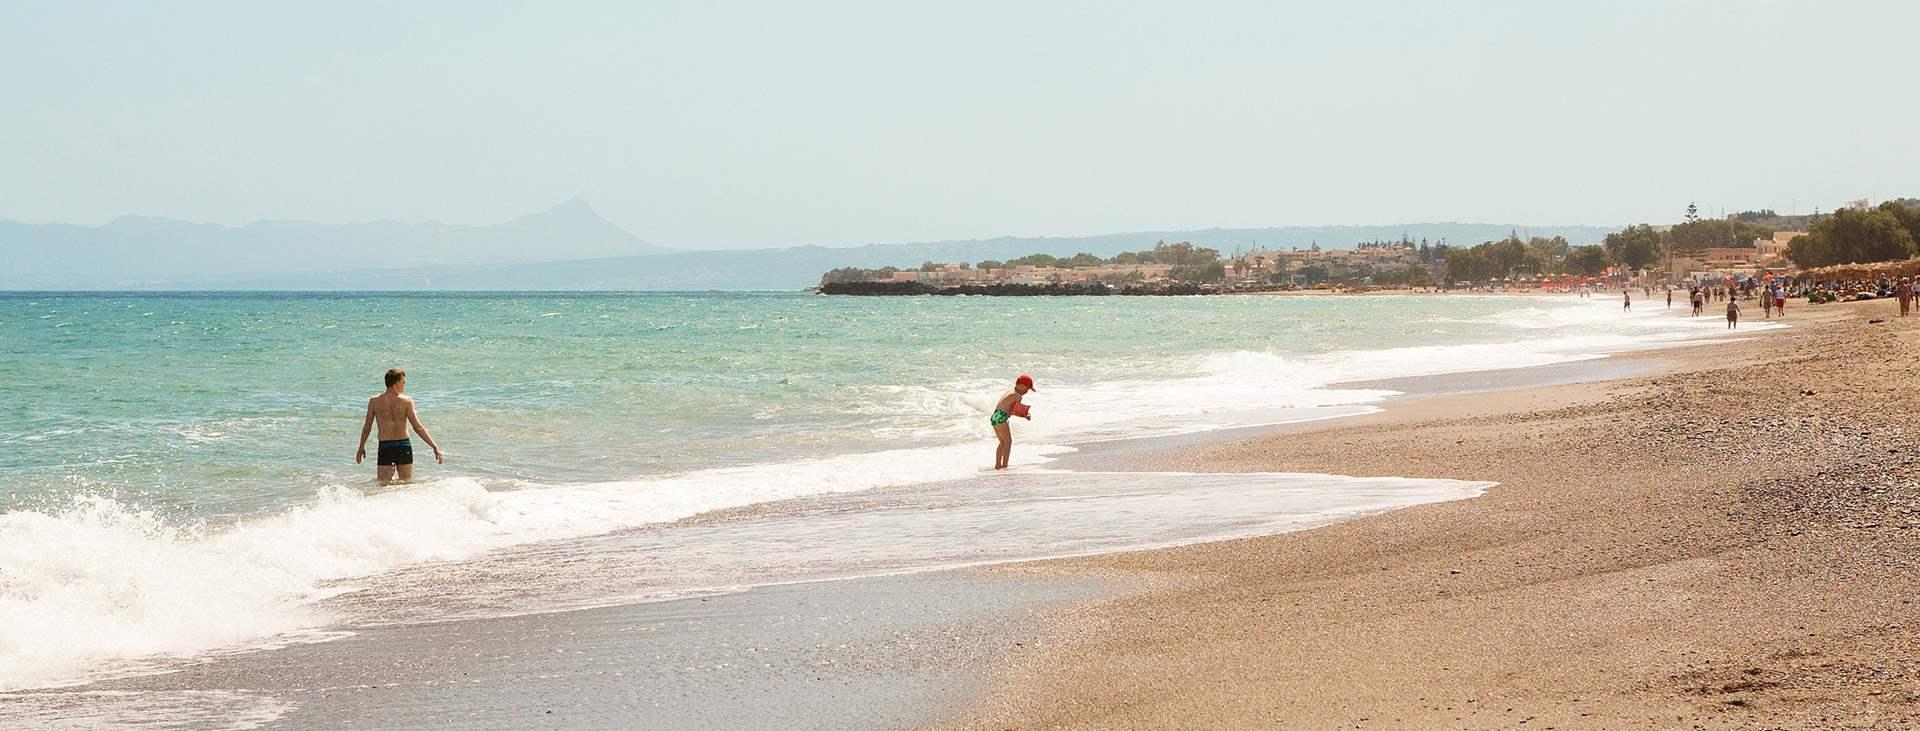 Boka din resa till Kreta i Grekland med Ving